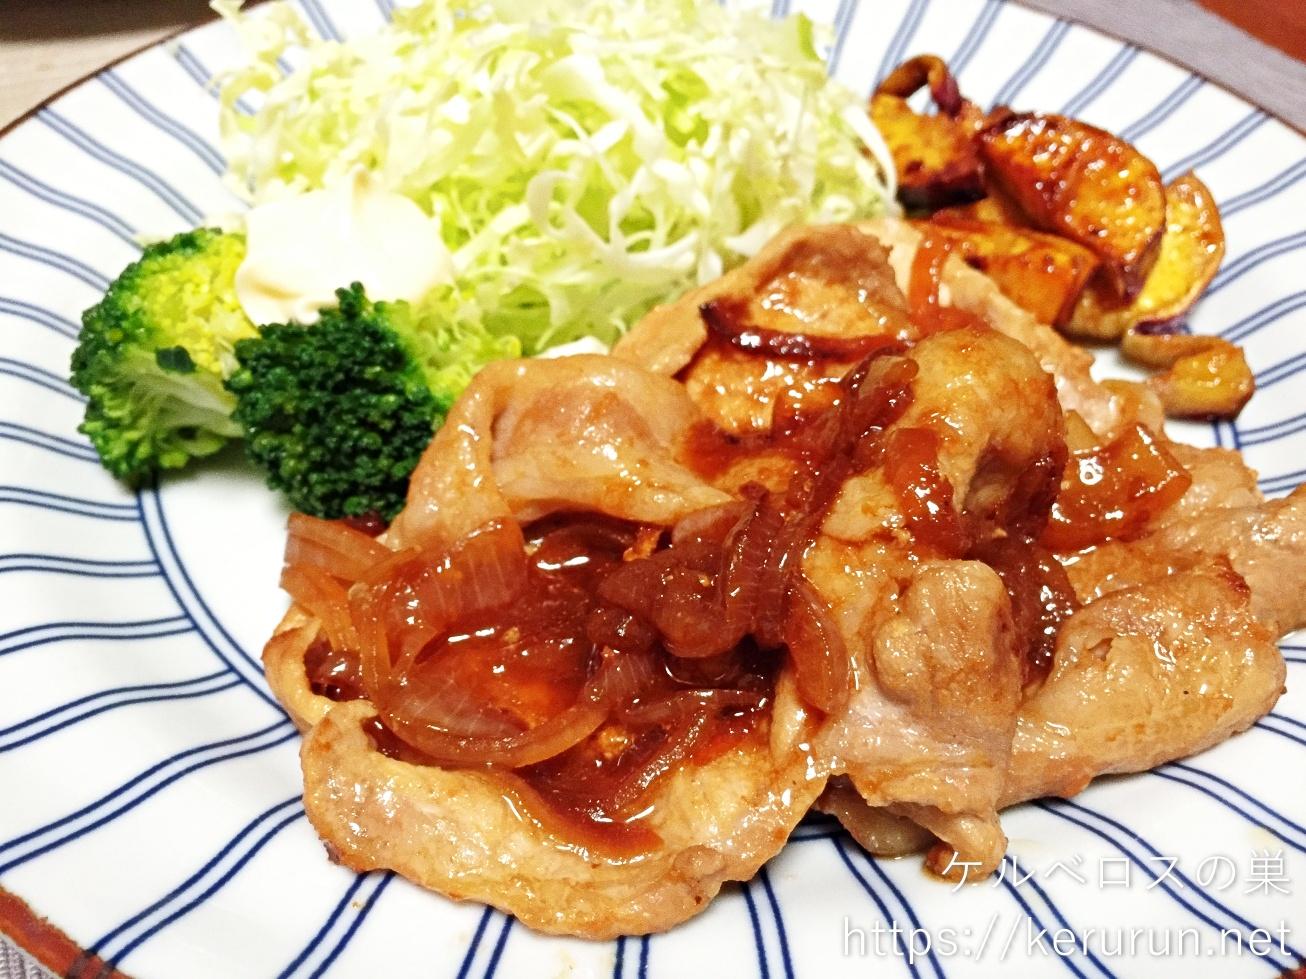 コストコの国産豚ロースうすぎりで生姜焼き定食の晩ごはん